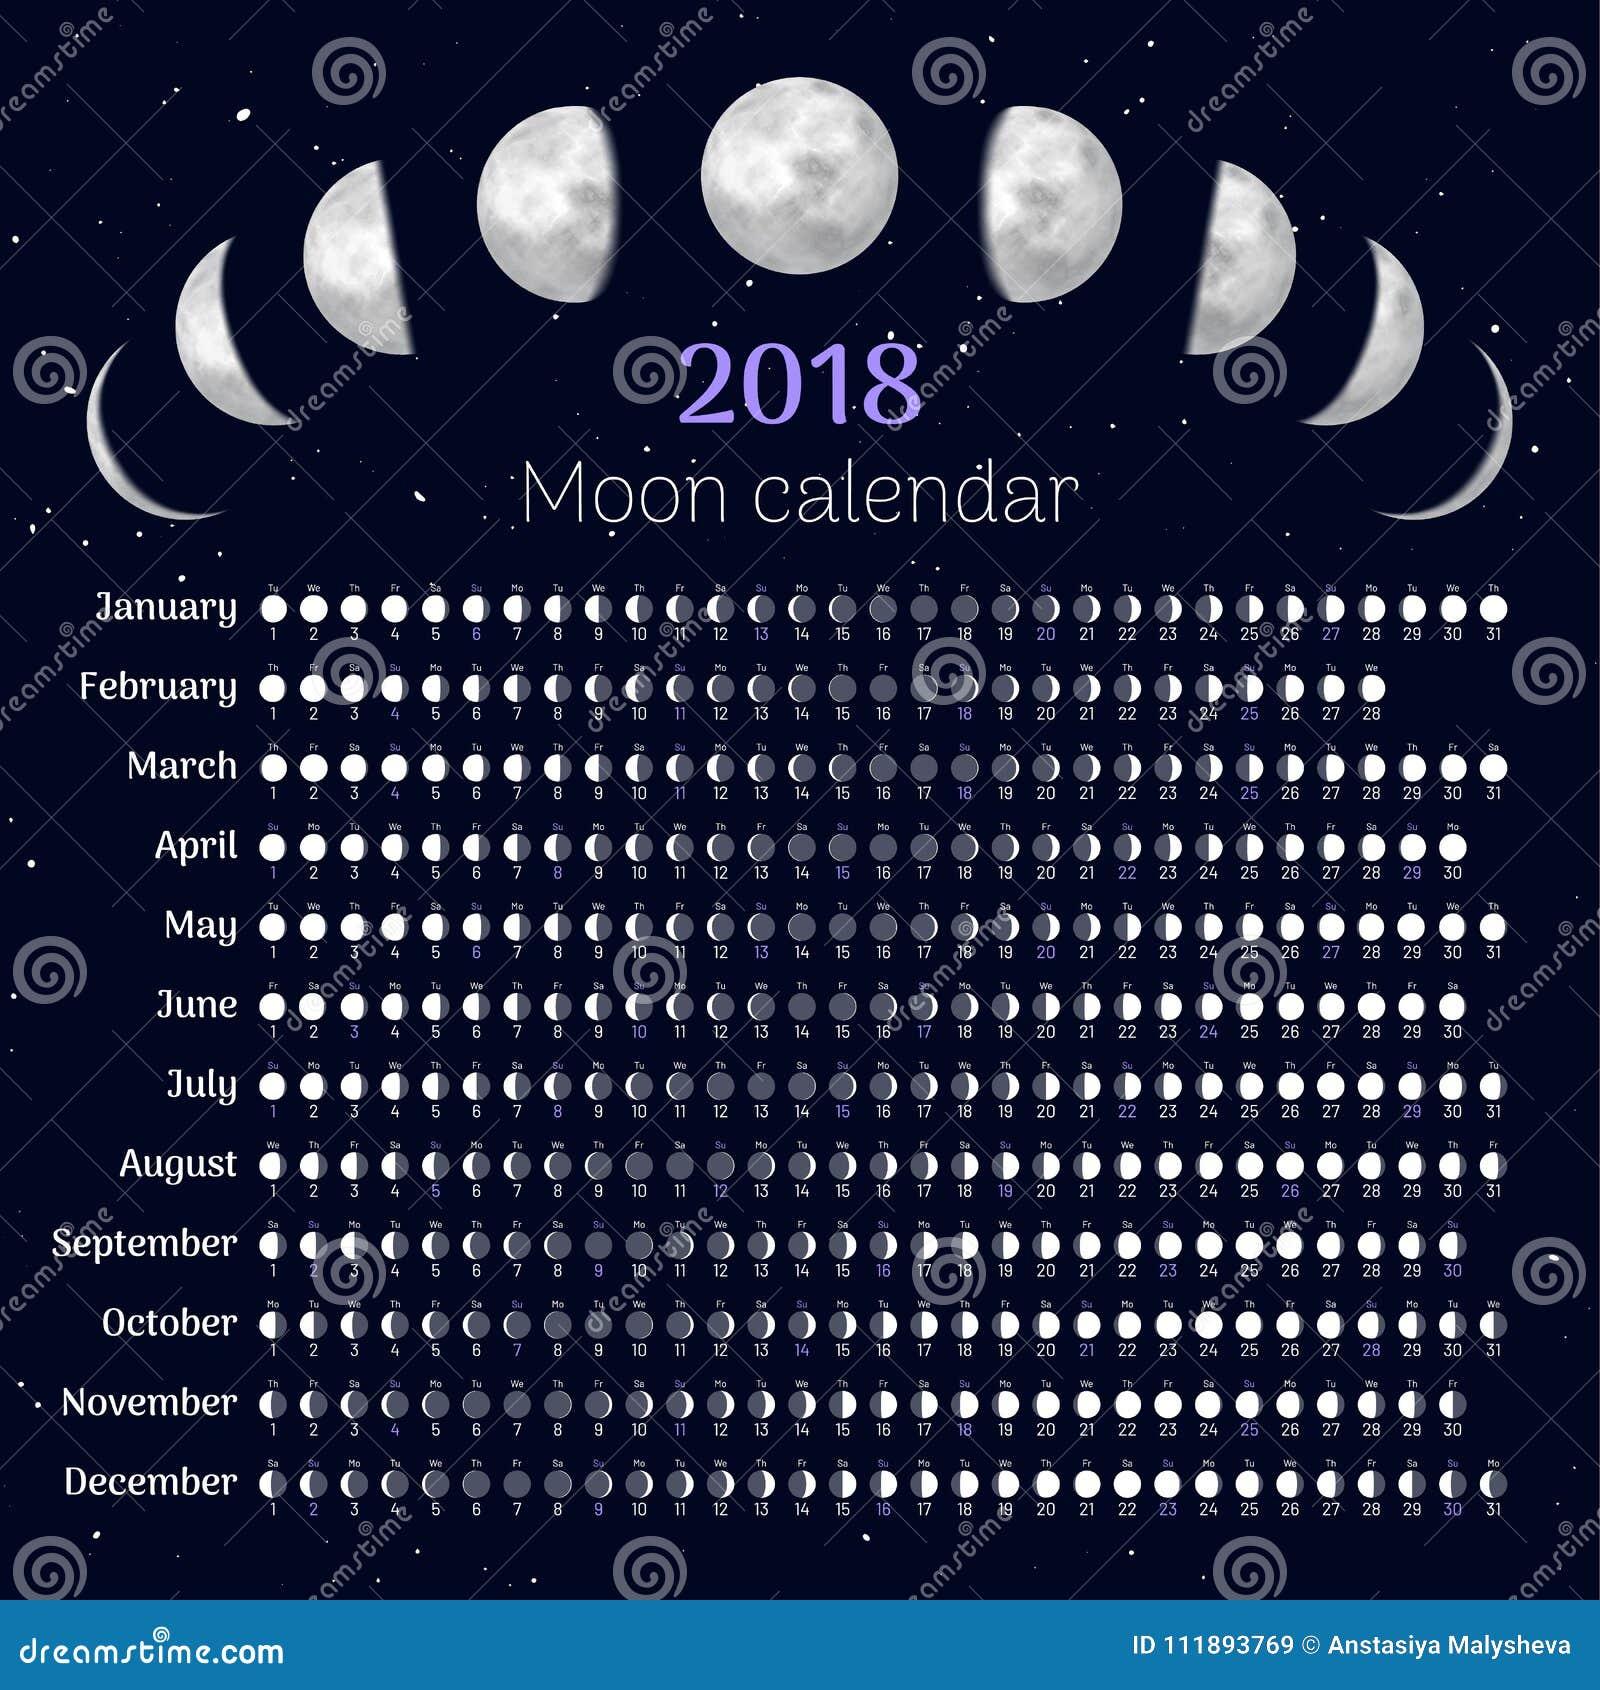 Il Calendario Della Luna.Calendario Della Luna 2018 Anni Illustrazione Vettoriale